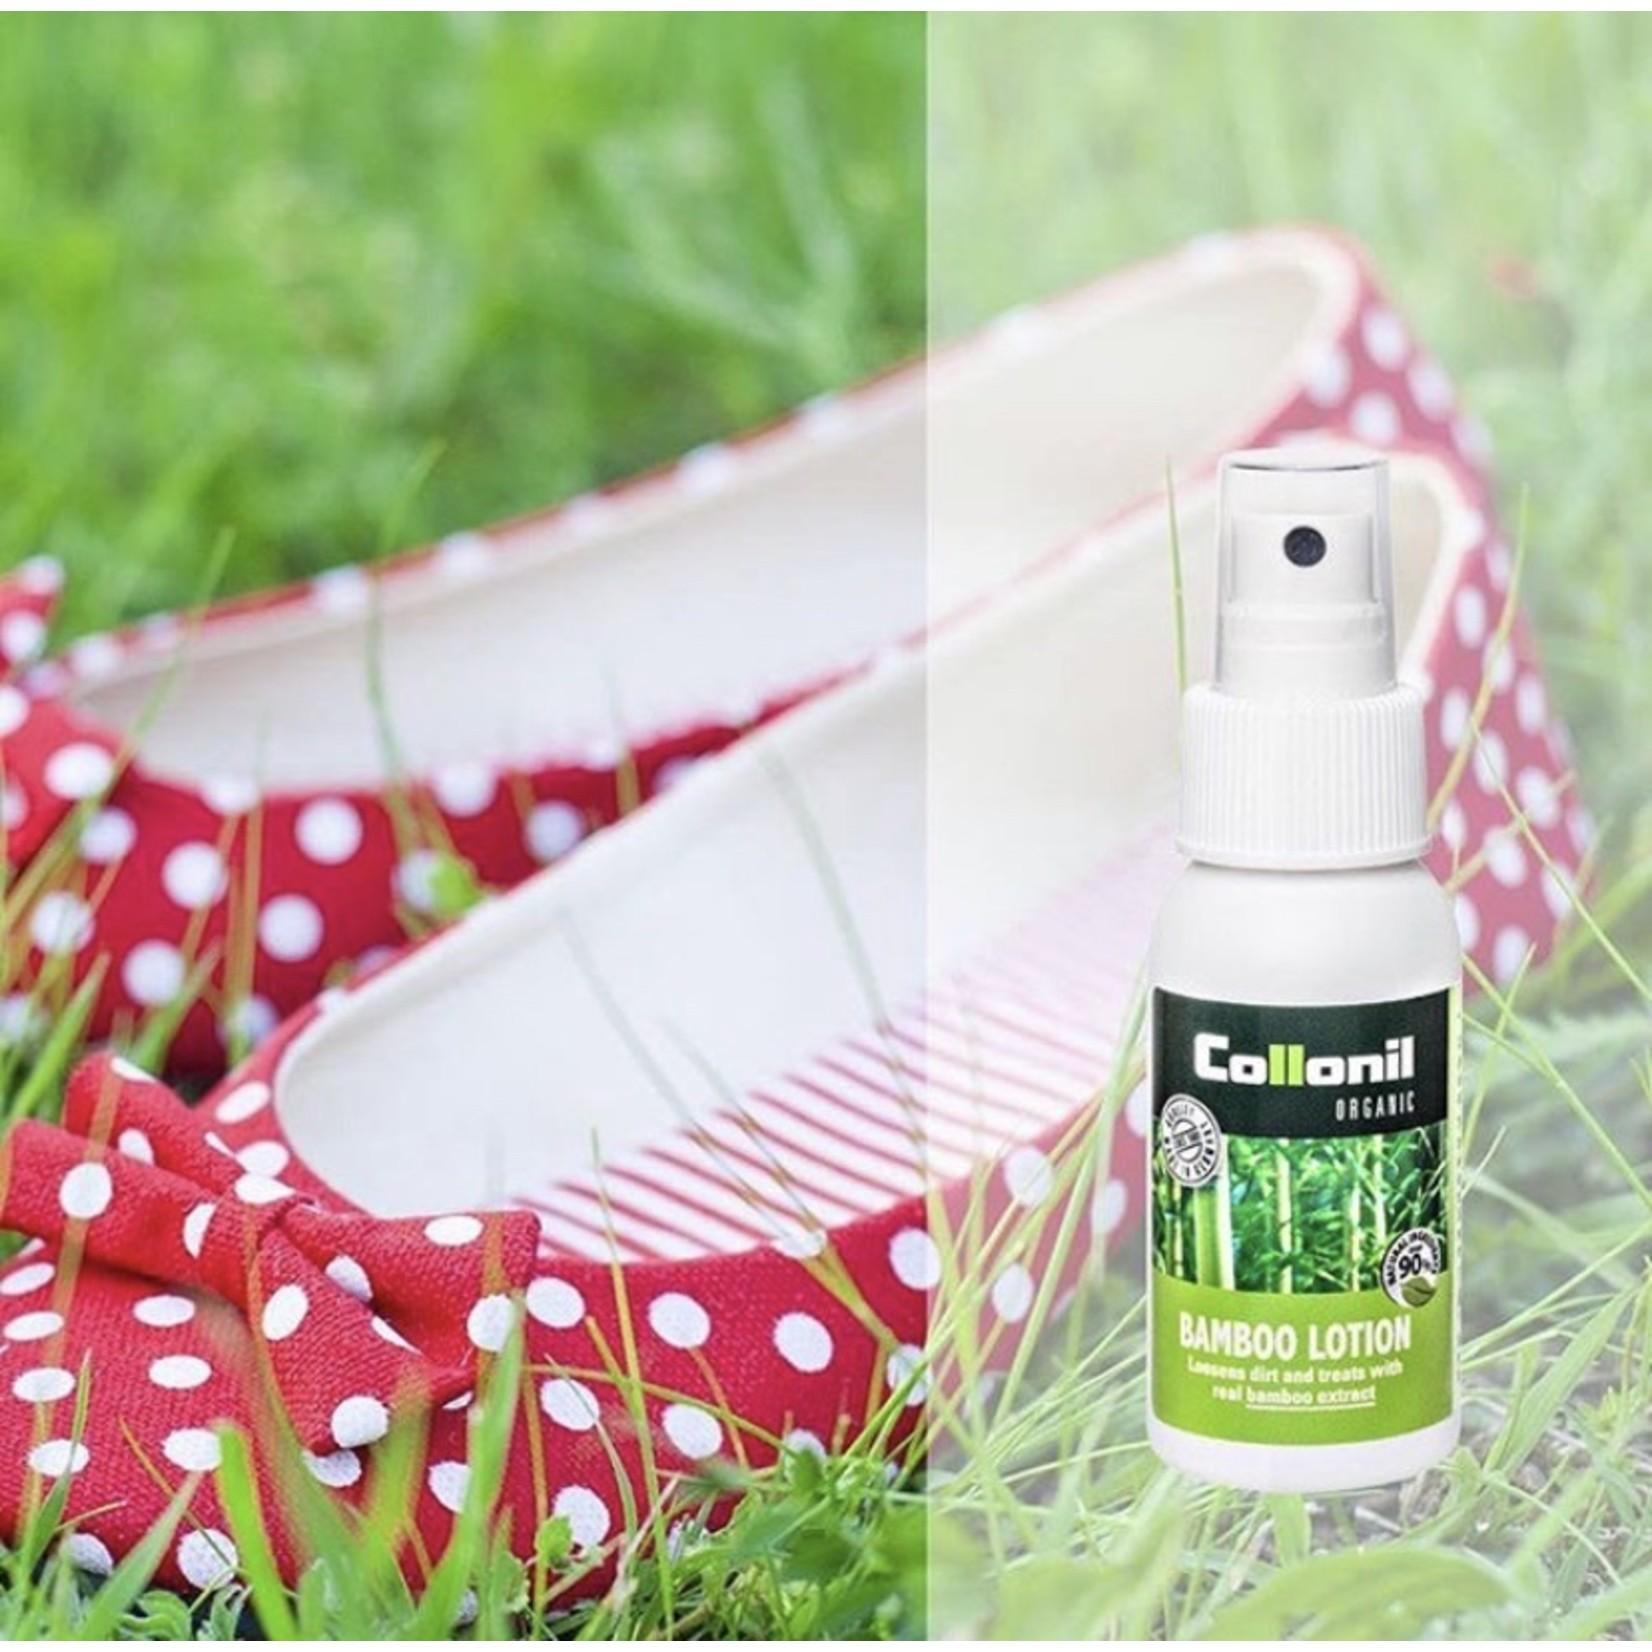 Collonil Organic Bamboo Lotion